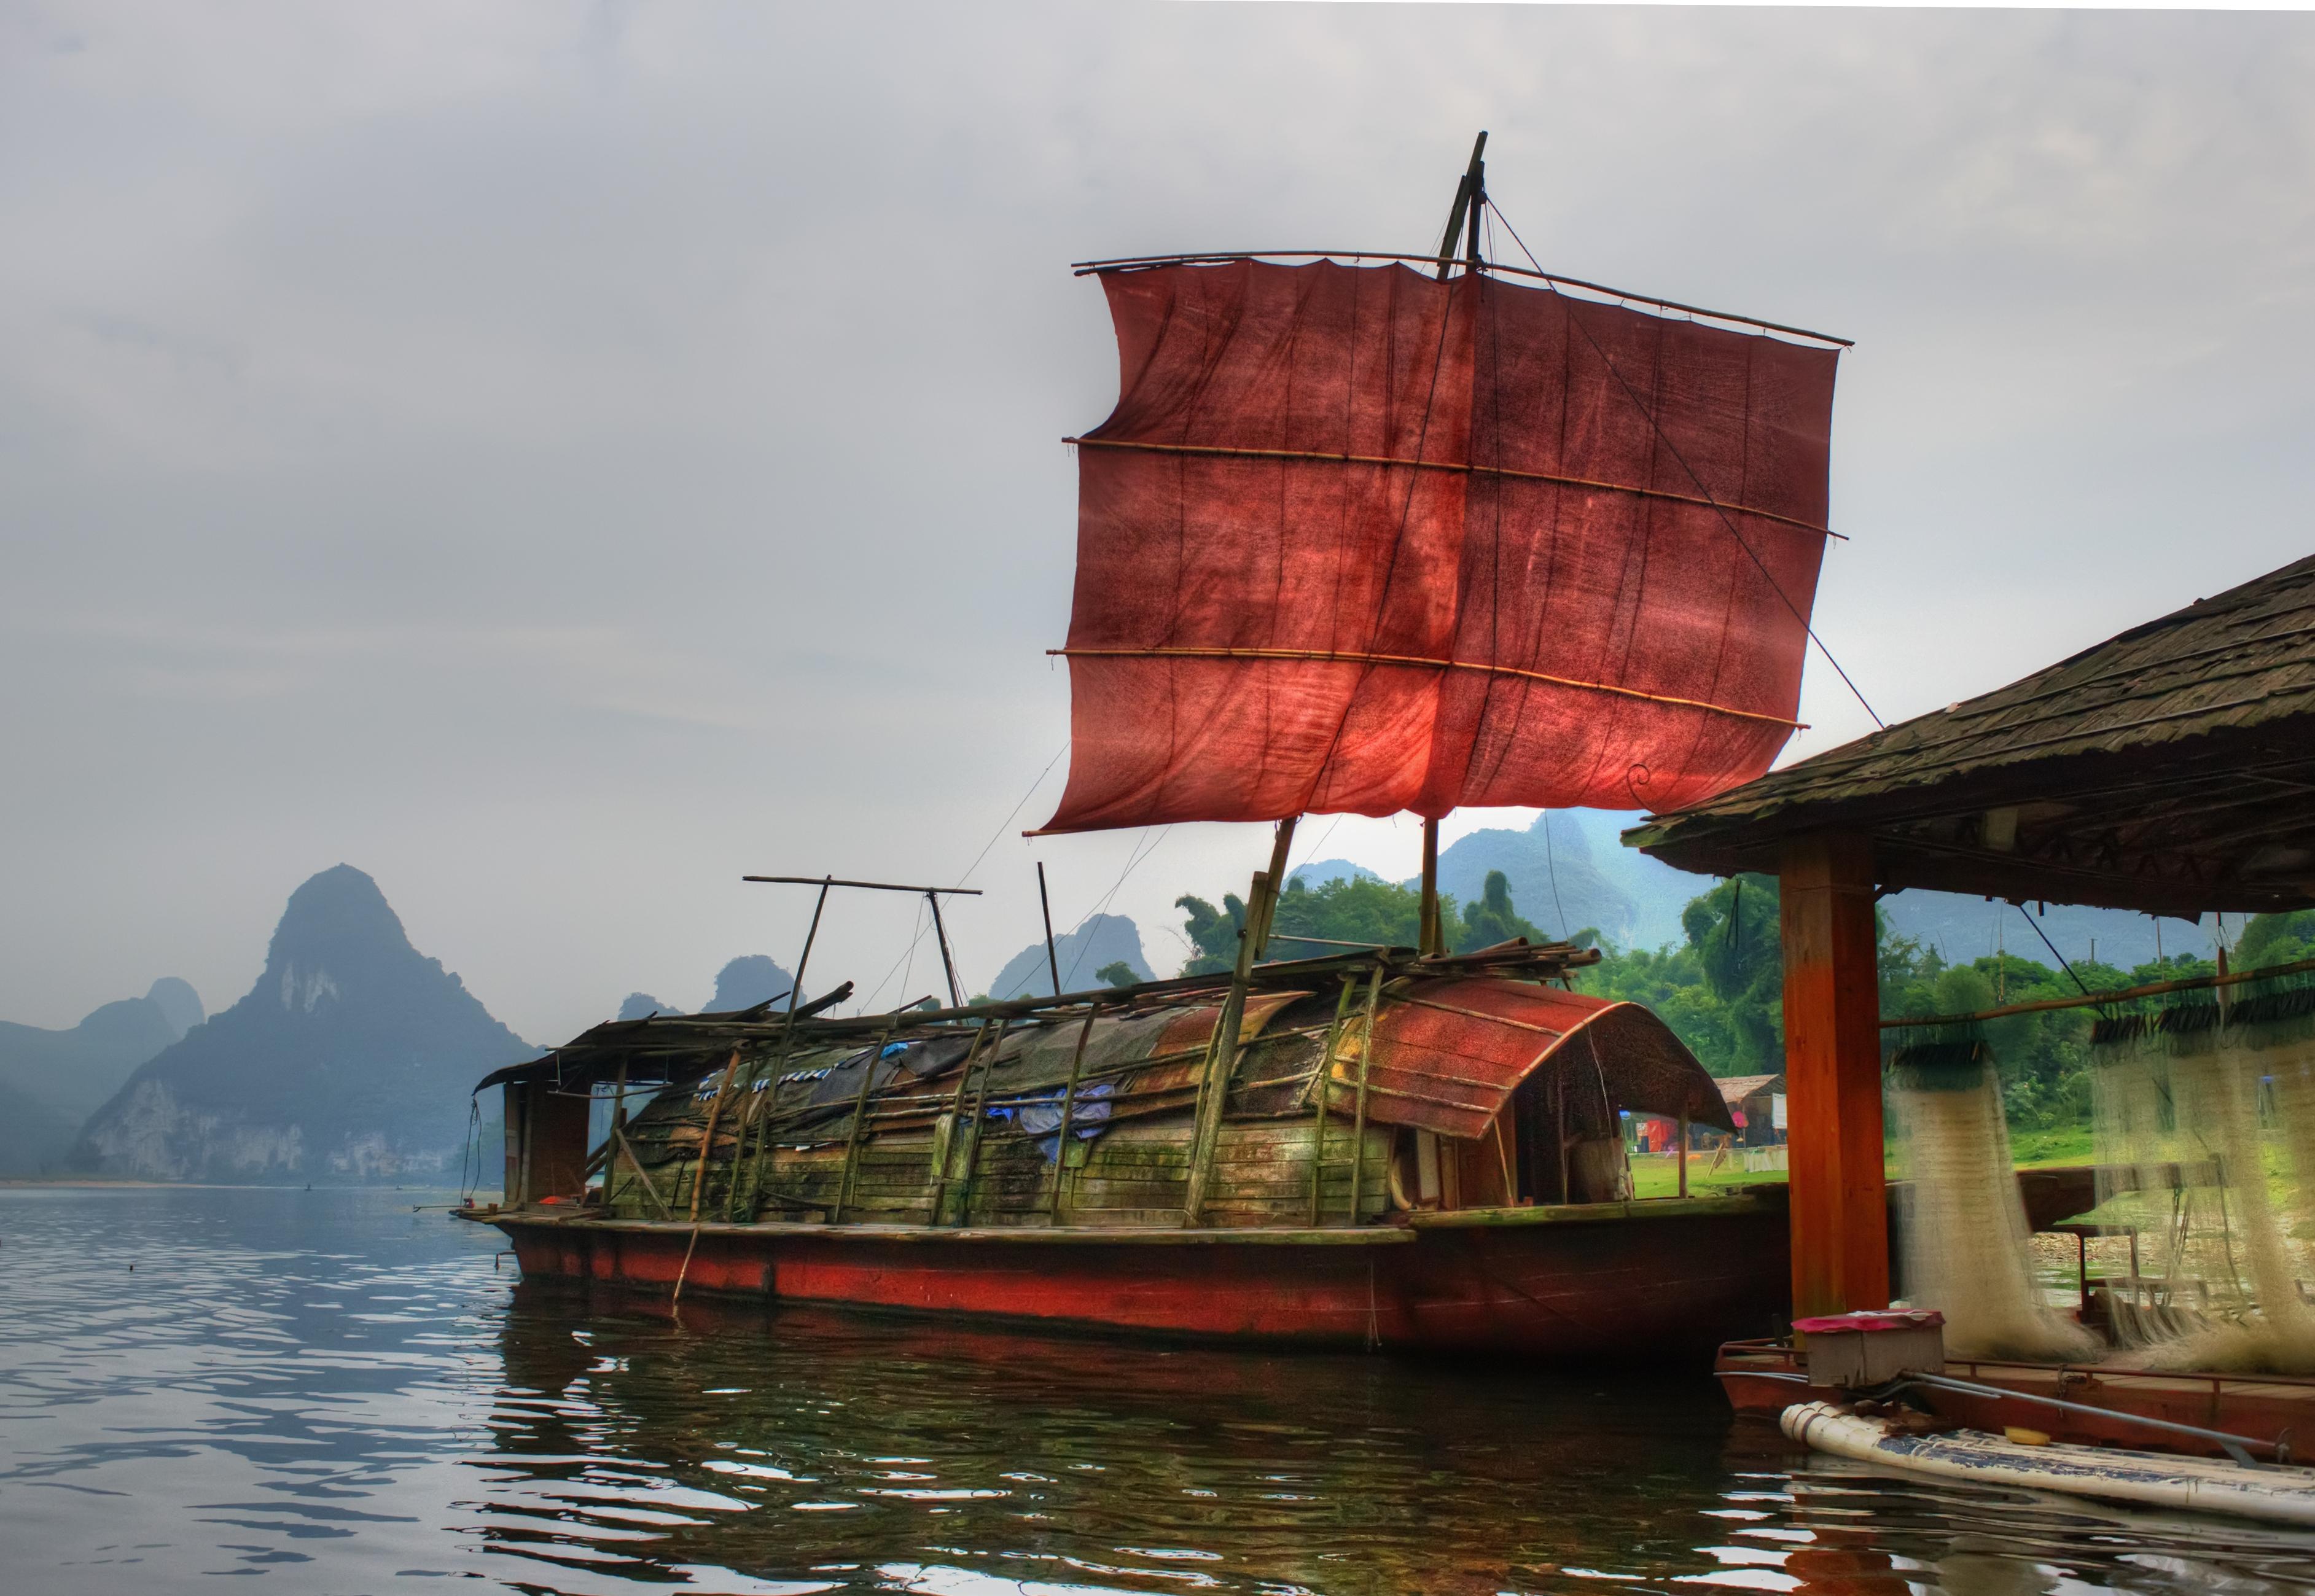 фото-туристам аборигены китайские лодки фото практичные, легкие